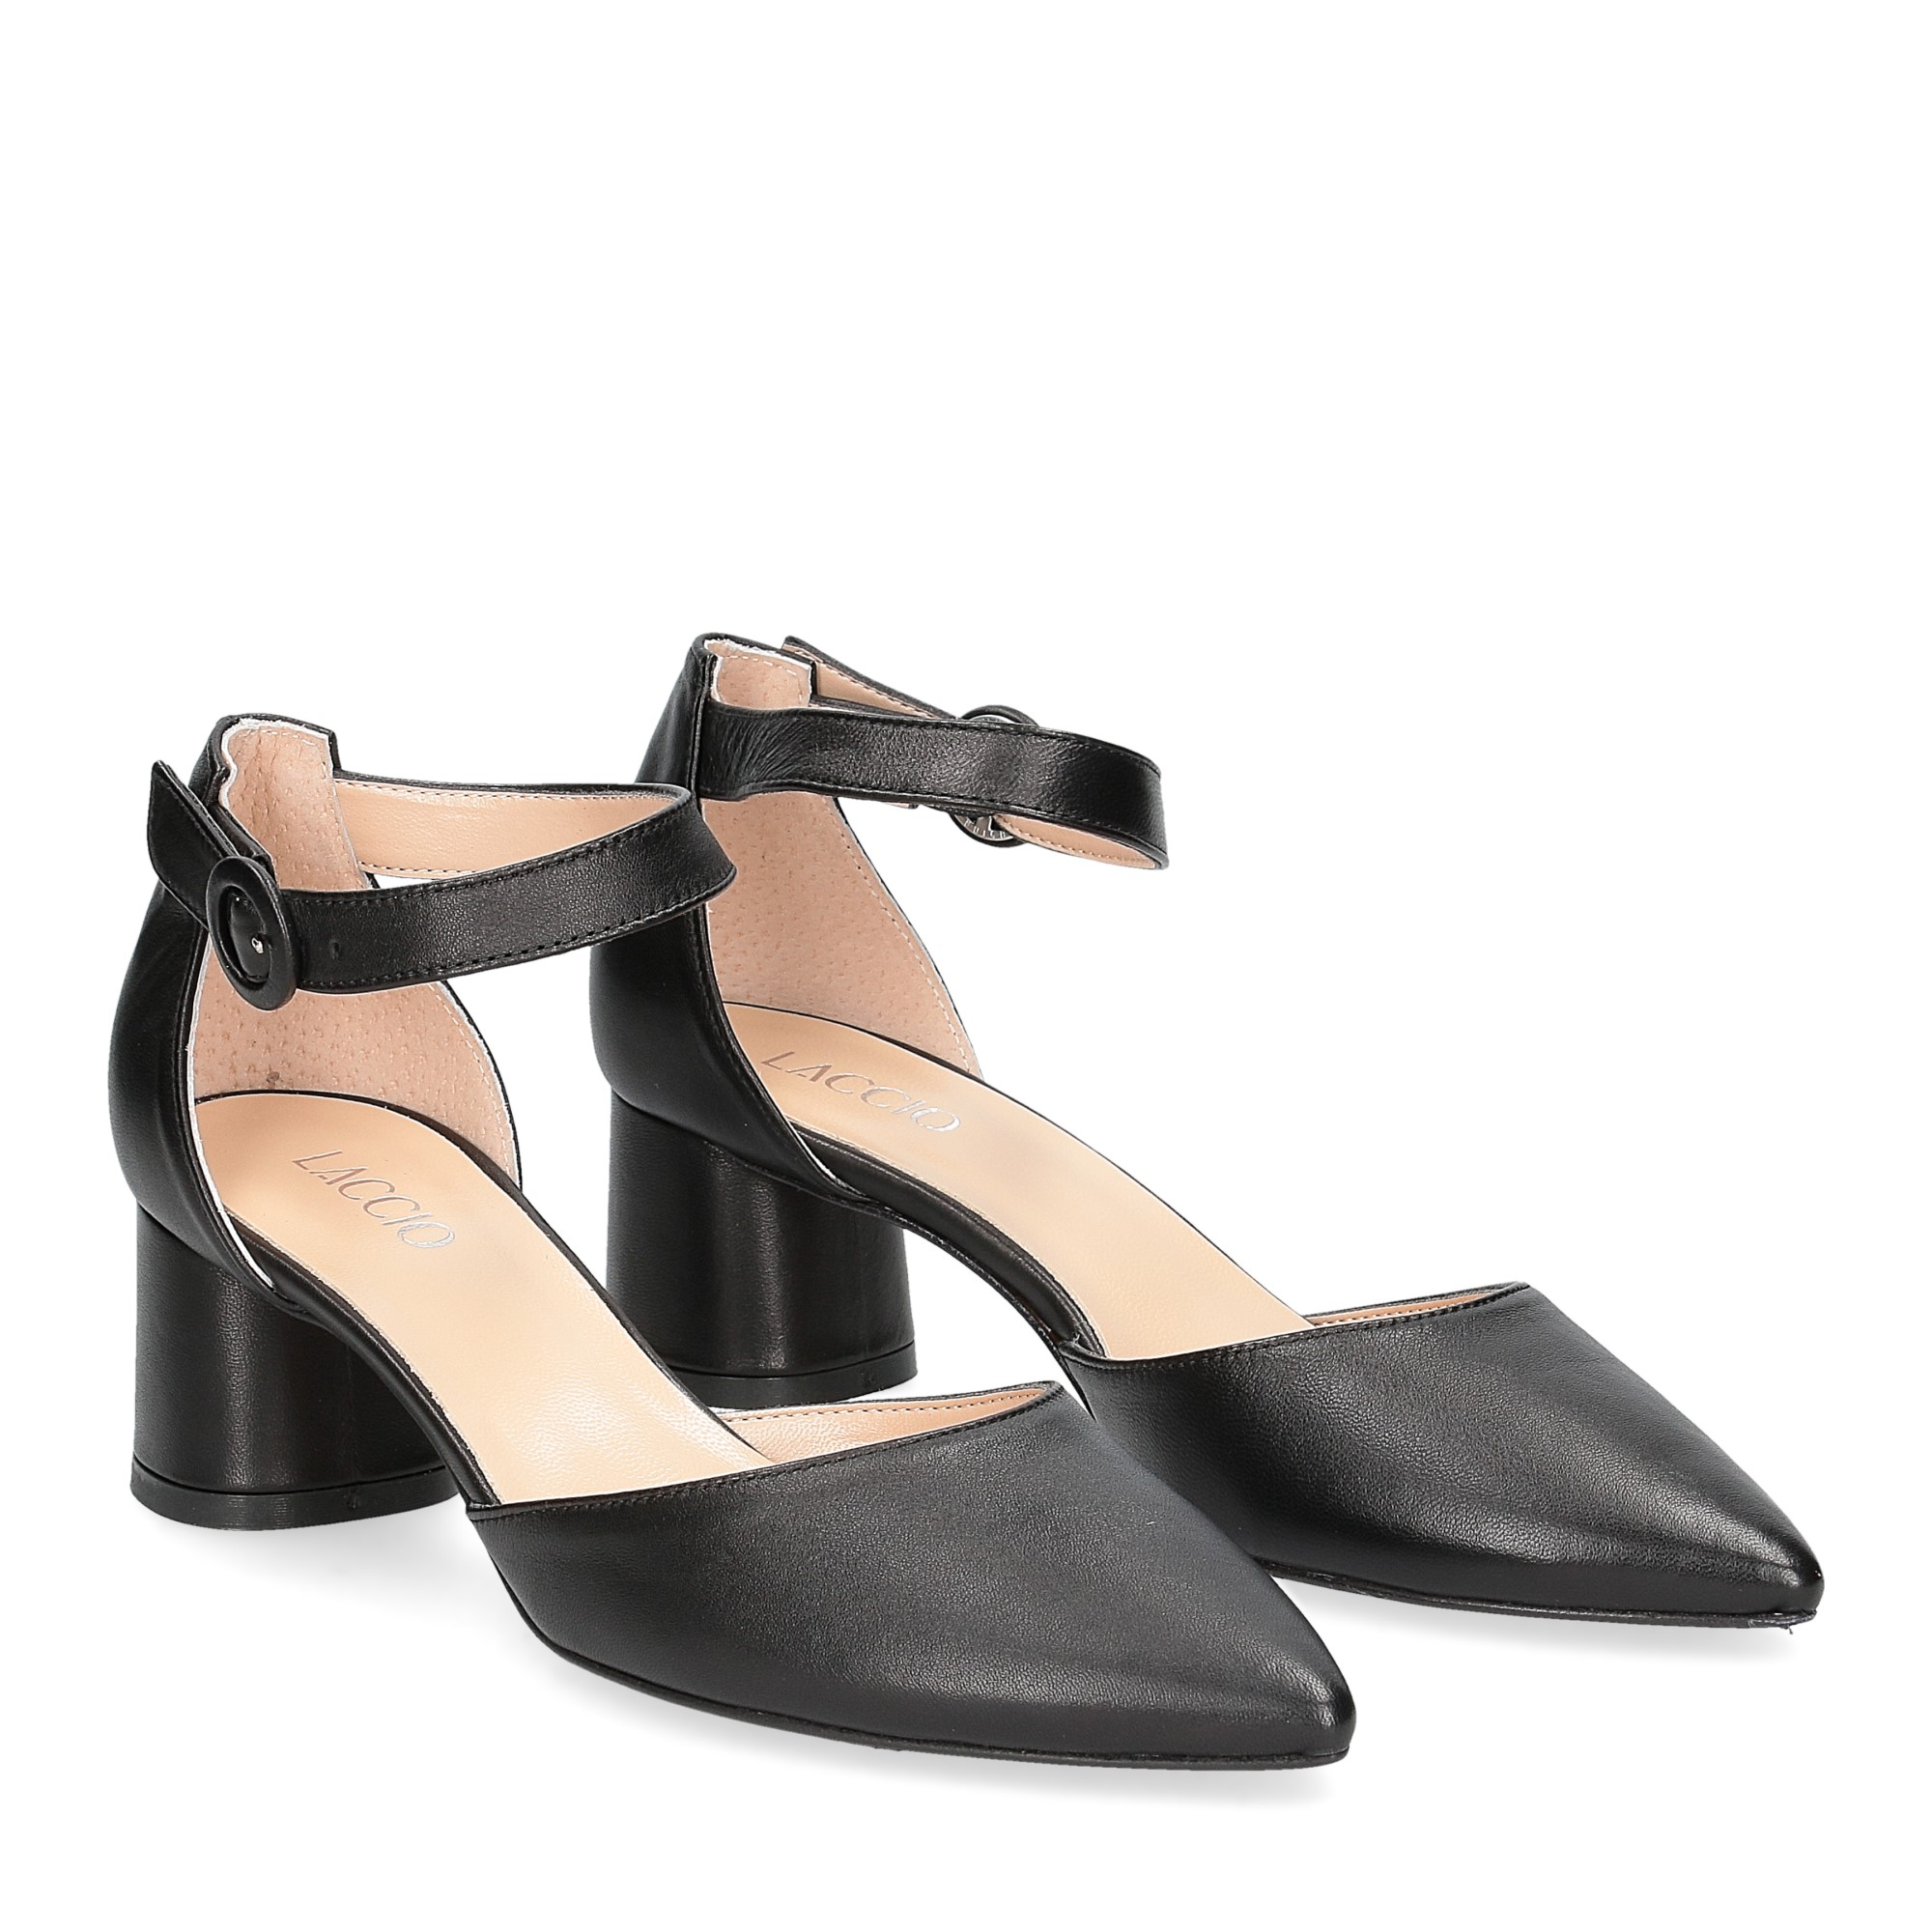 Il Laccio sandaliera 1415 pelle nera